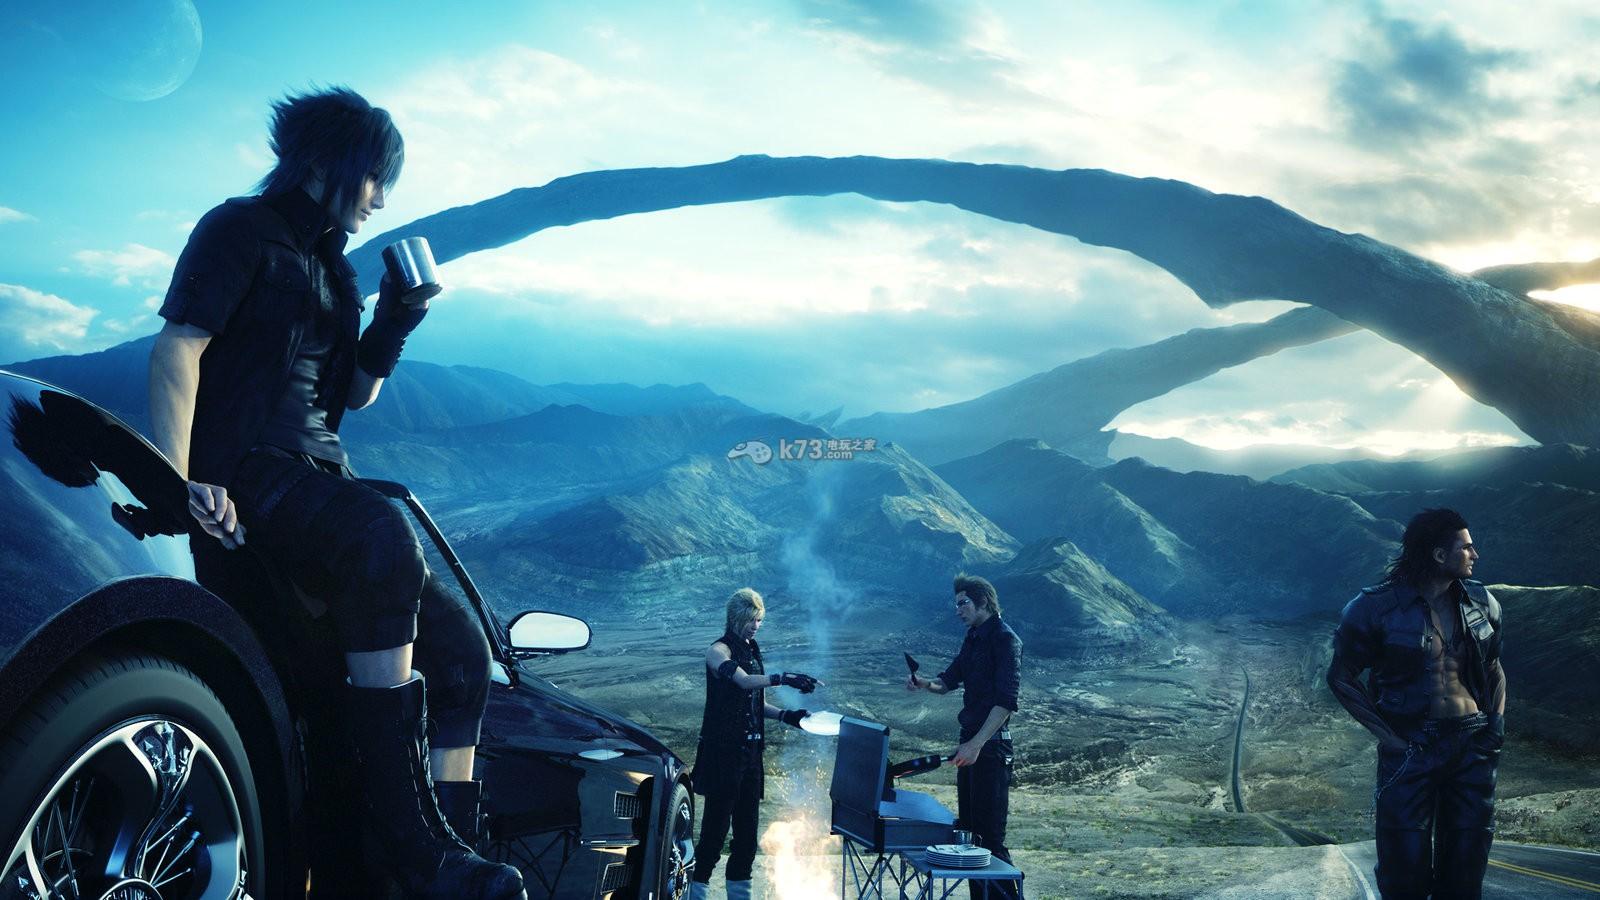 Final Fantasy Xv Logo Uhd 4k Wallpaper: 最终幻想15油画图片大全_最终幻想15油画图片下载